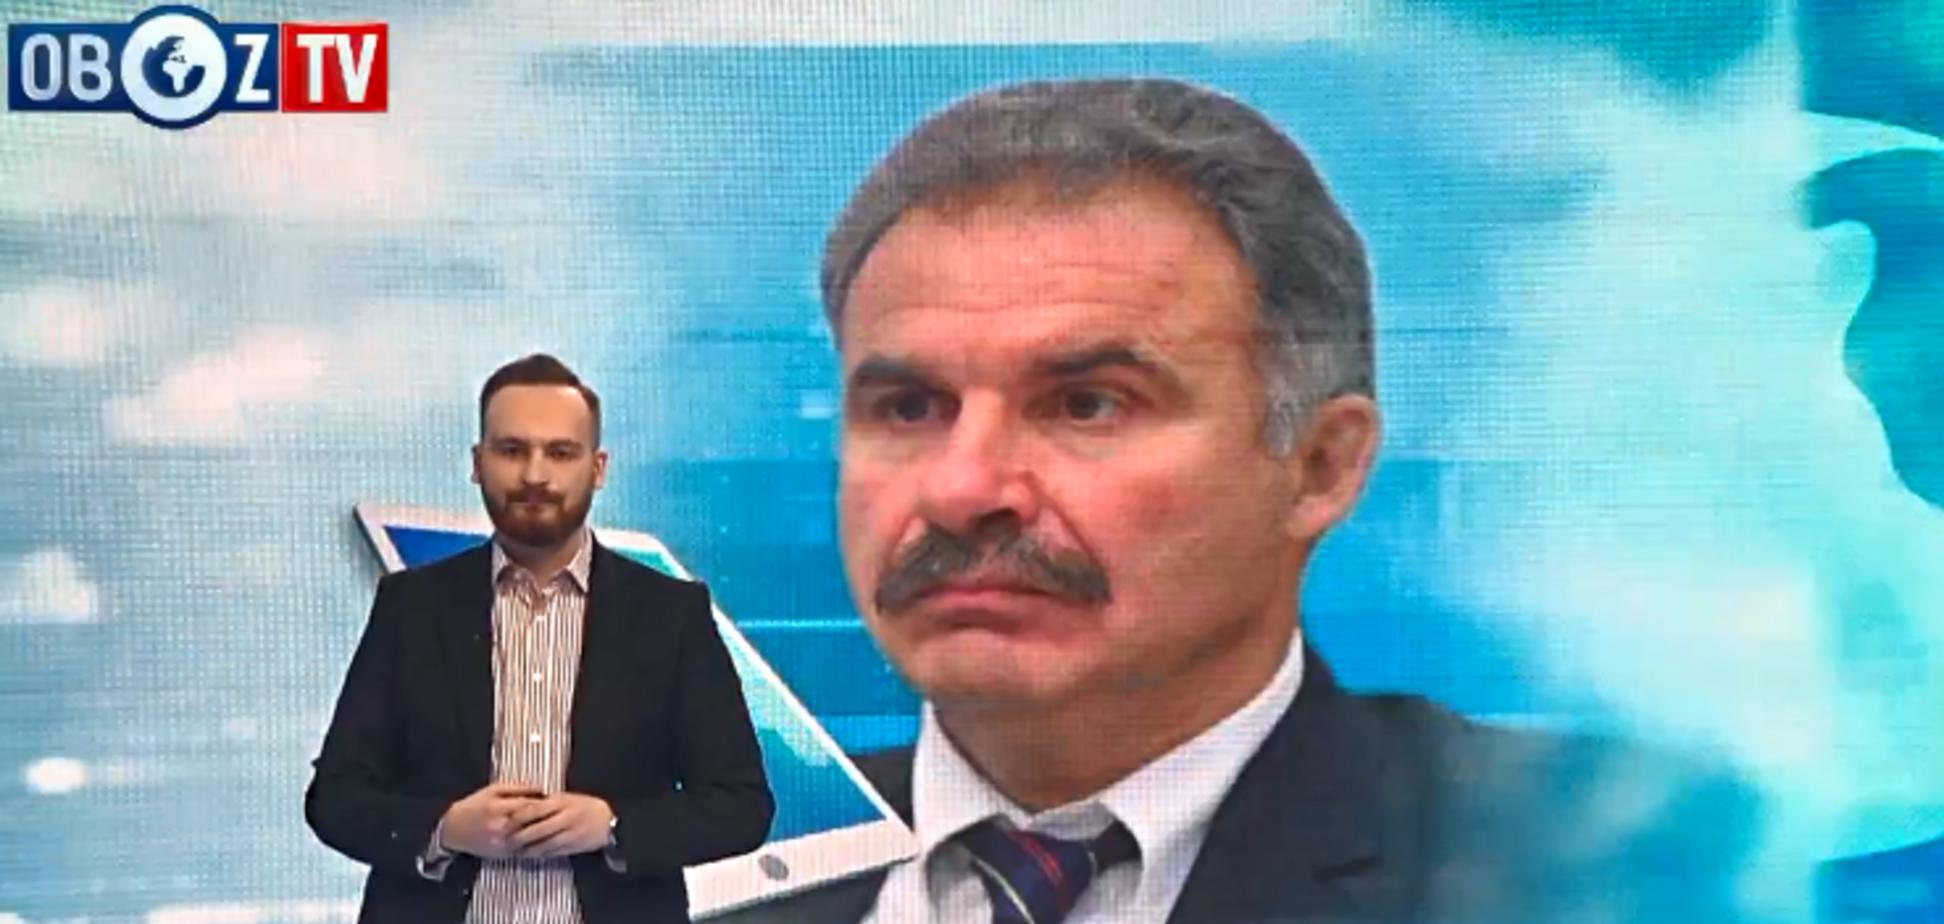 Нардеп рассказал, что мешает принять закон об украинском языке